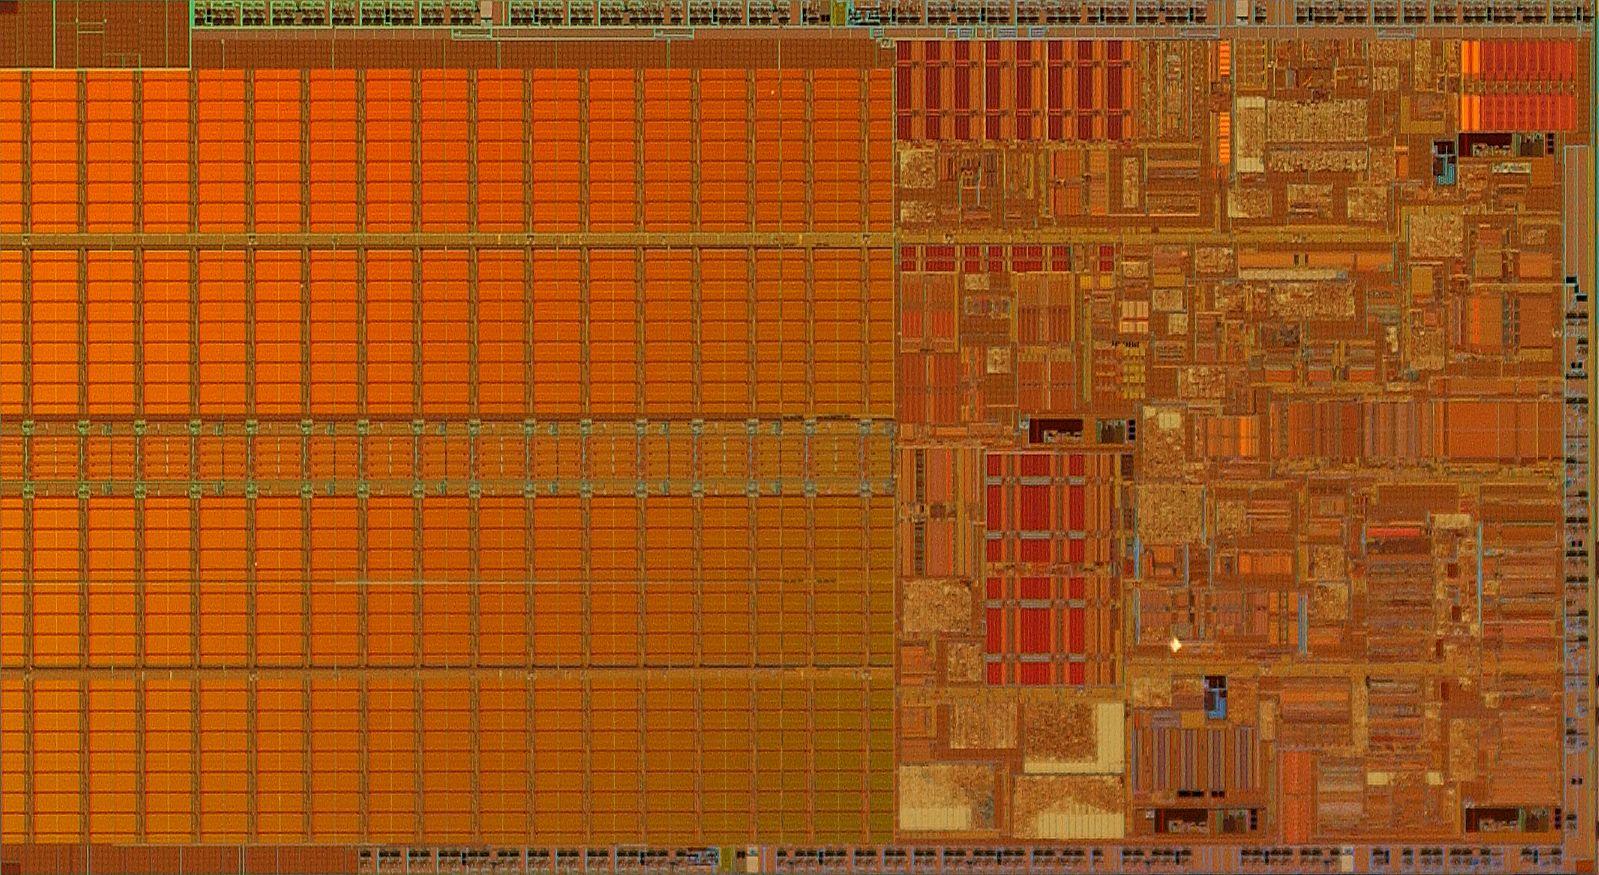 Pentium_M-die.jpg